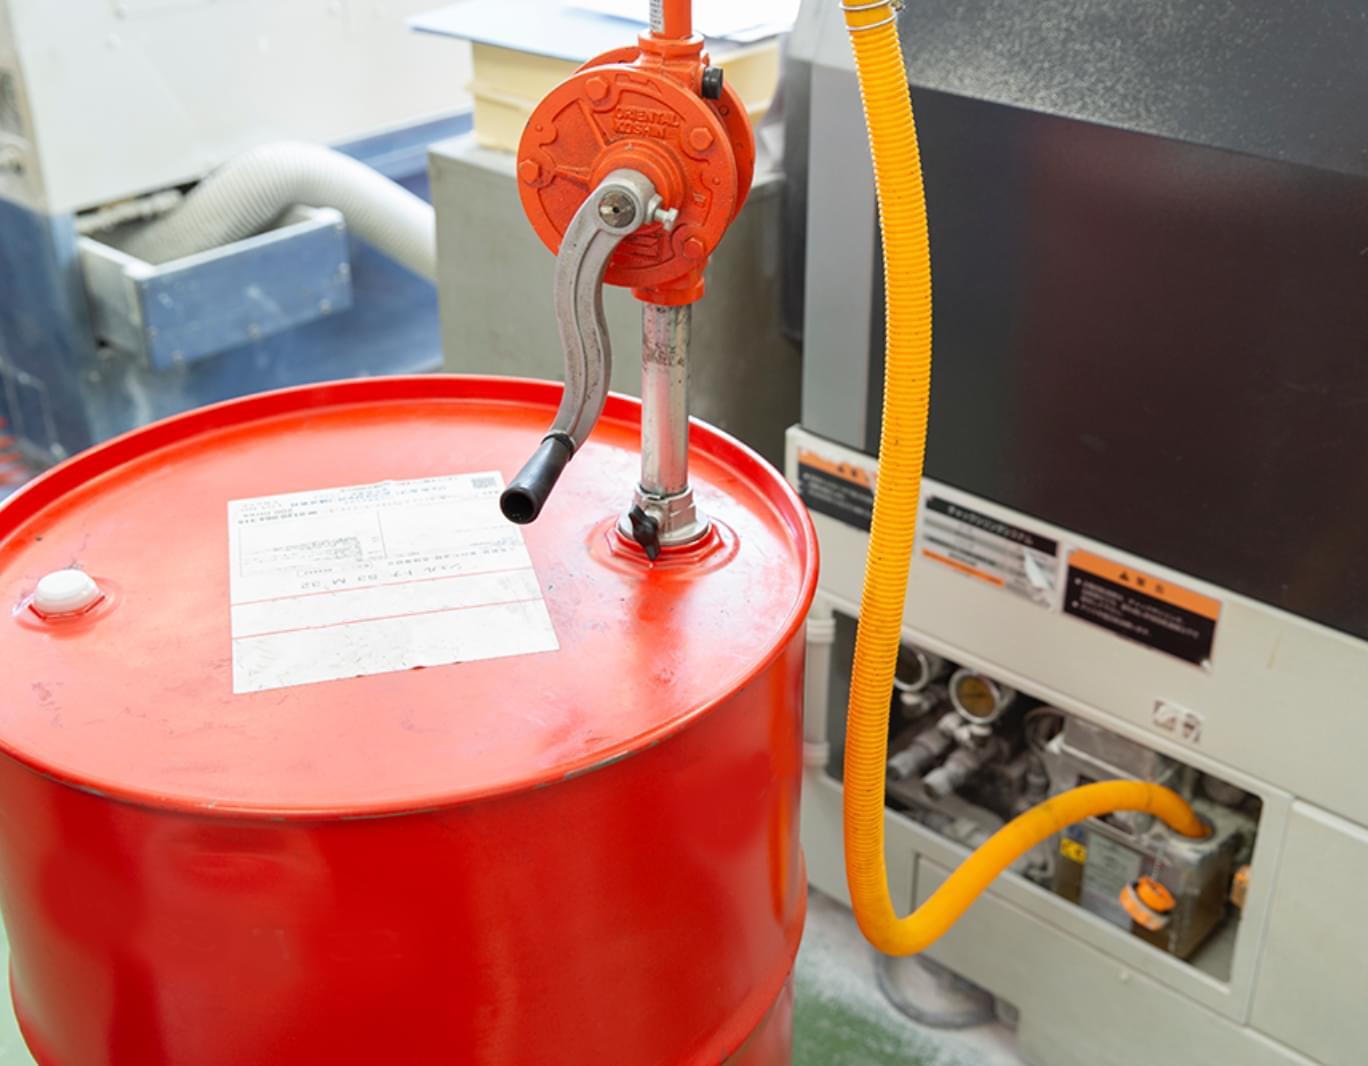 ニイミ産業の潤滑油に関するサービス